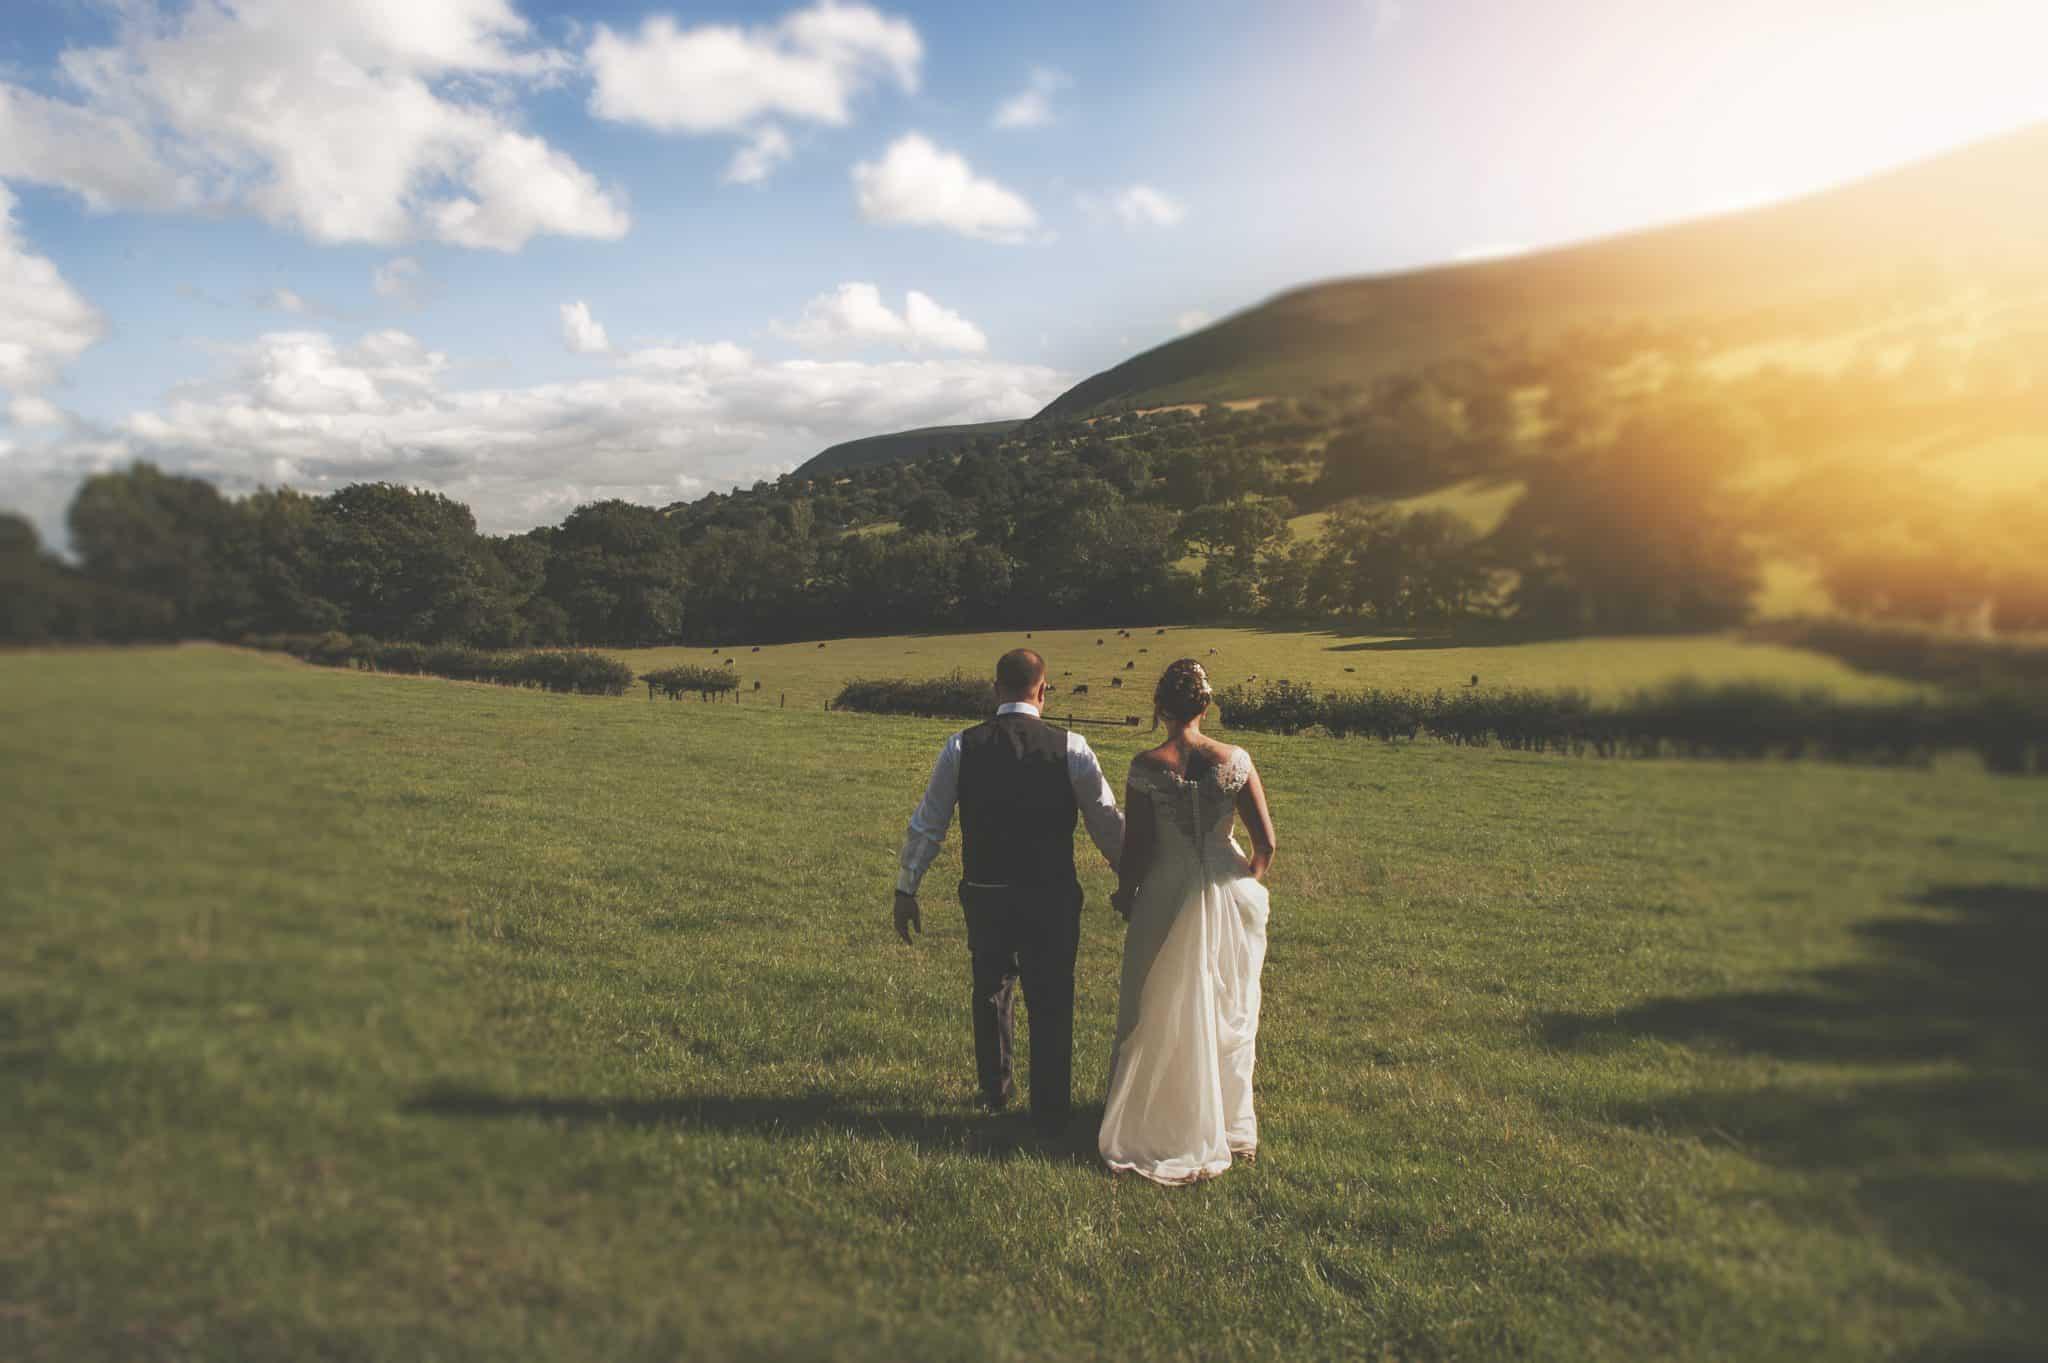 Bride & groom walk through field in sunshine